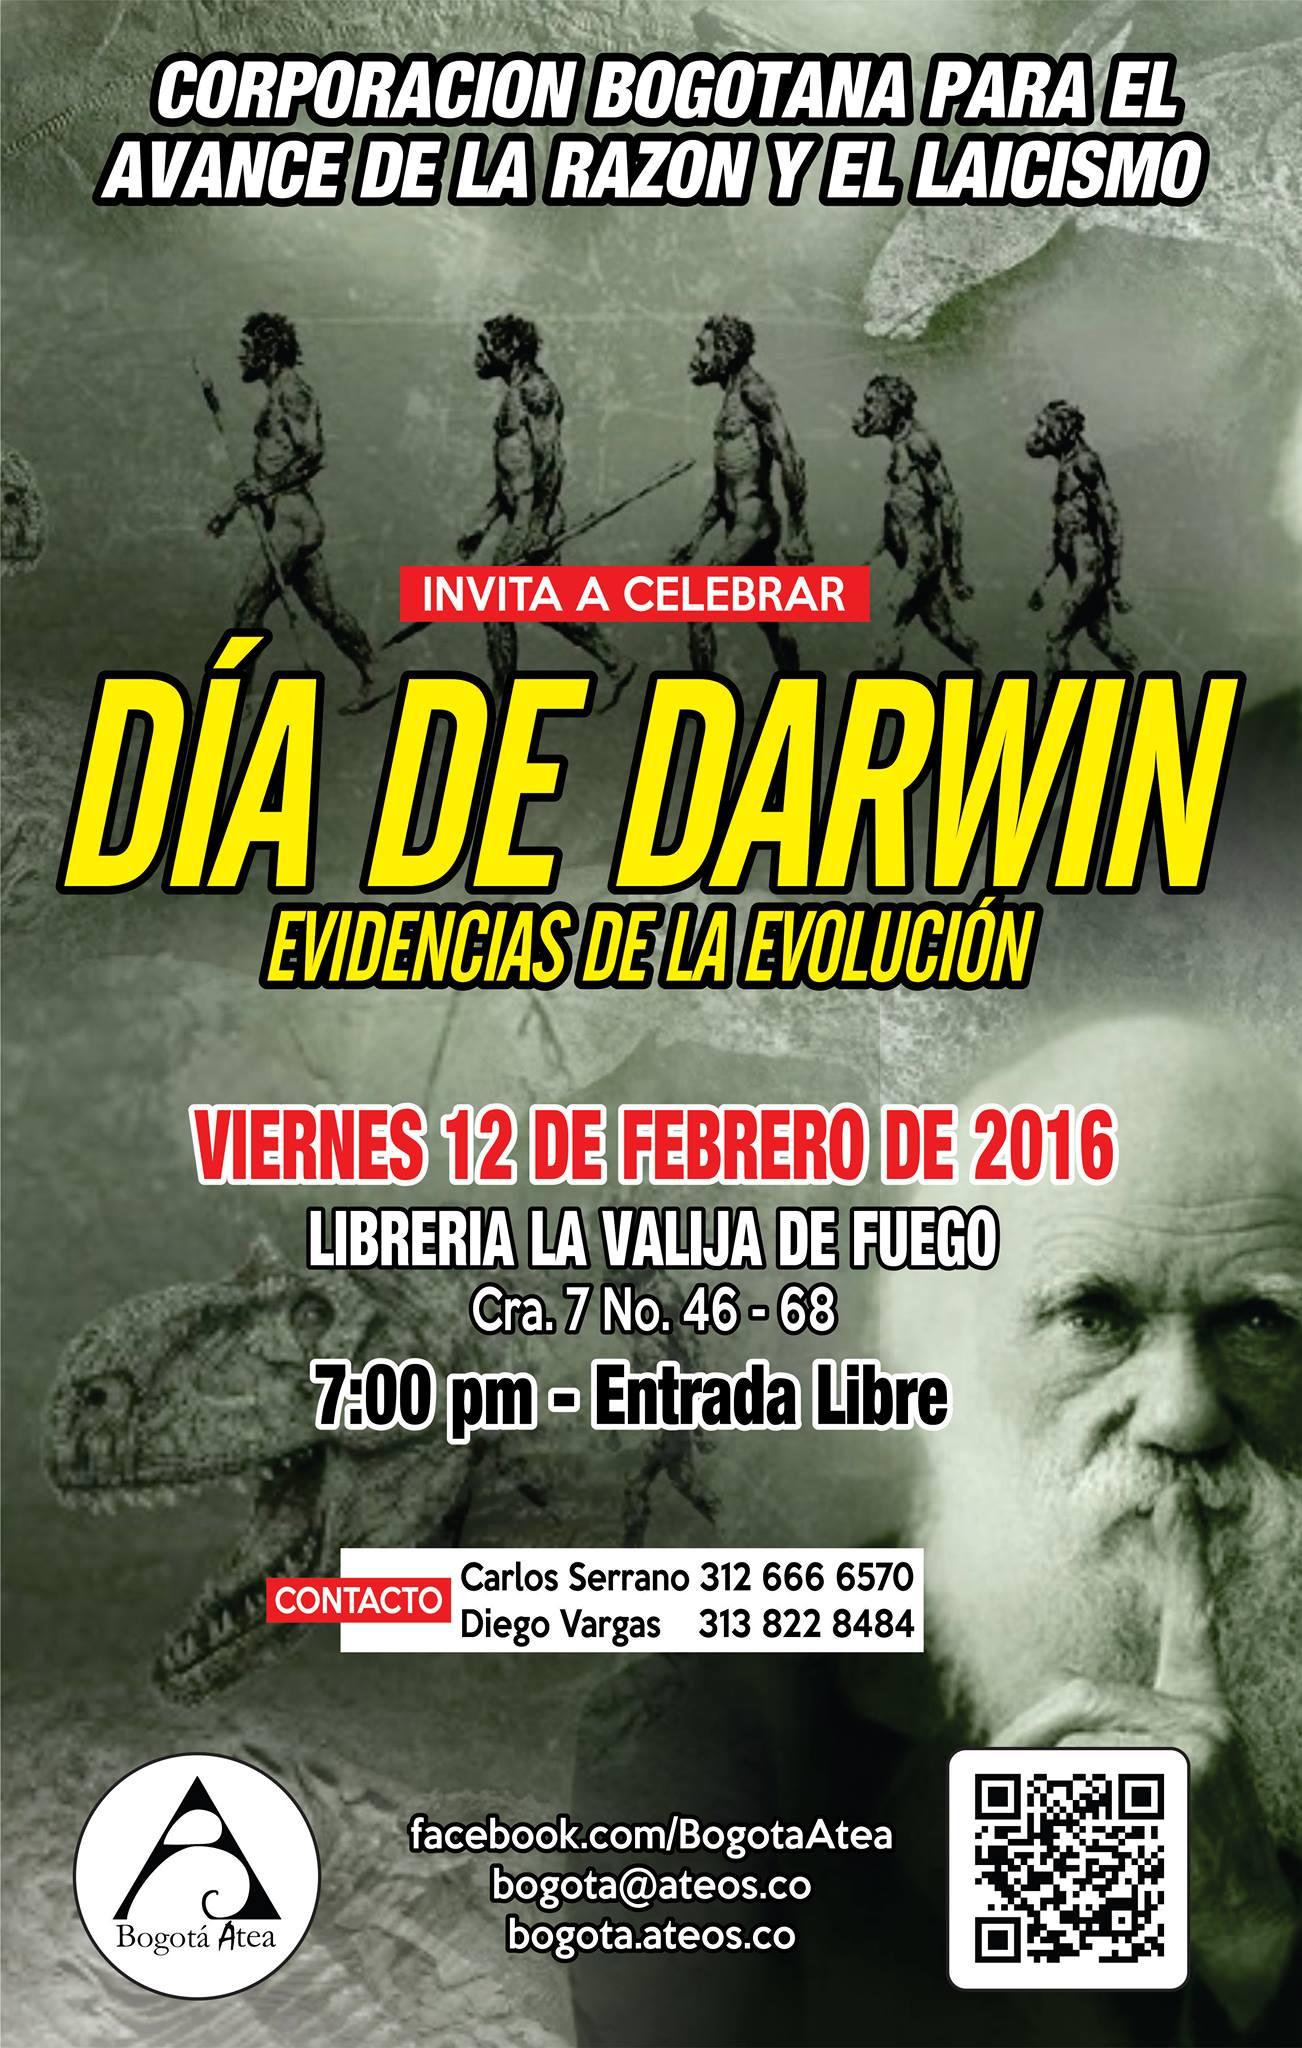 Dia de Darwin 2016 – Evidencias de la Evolución